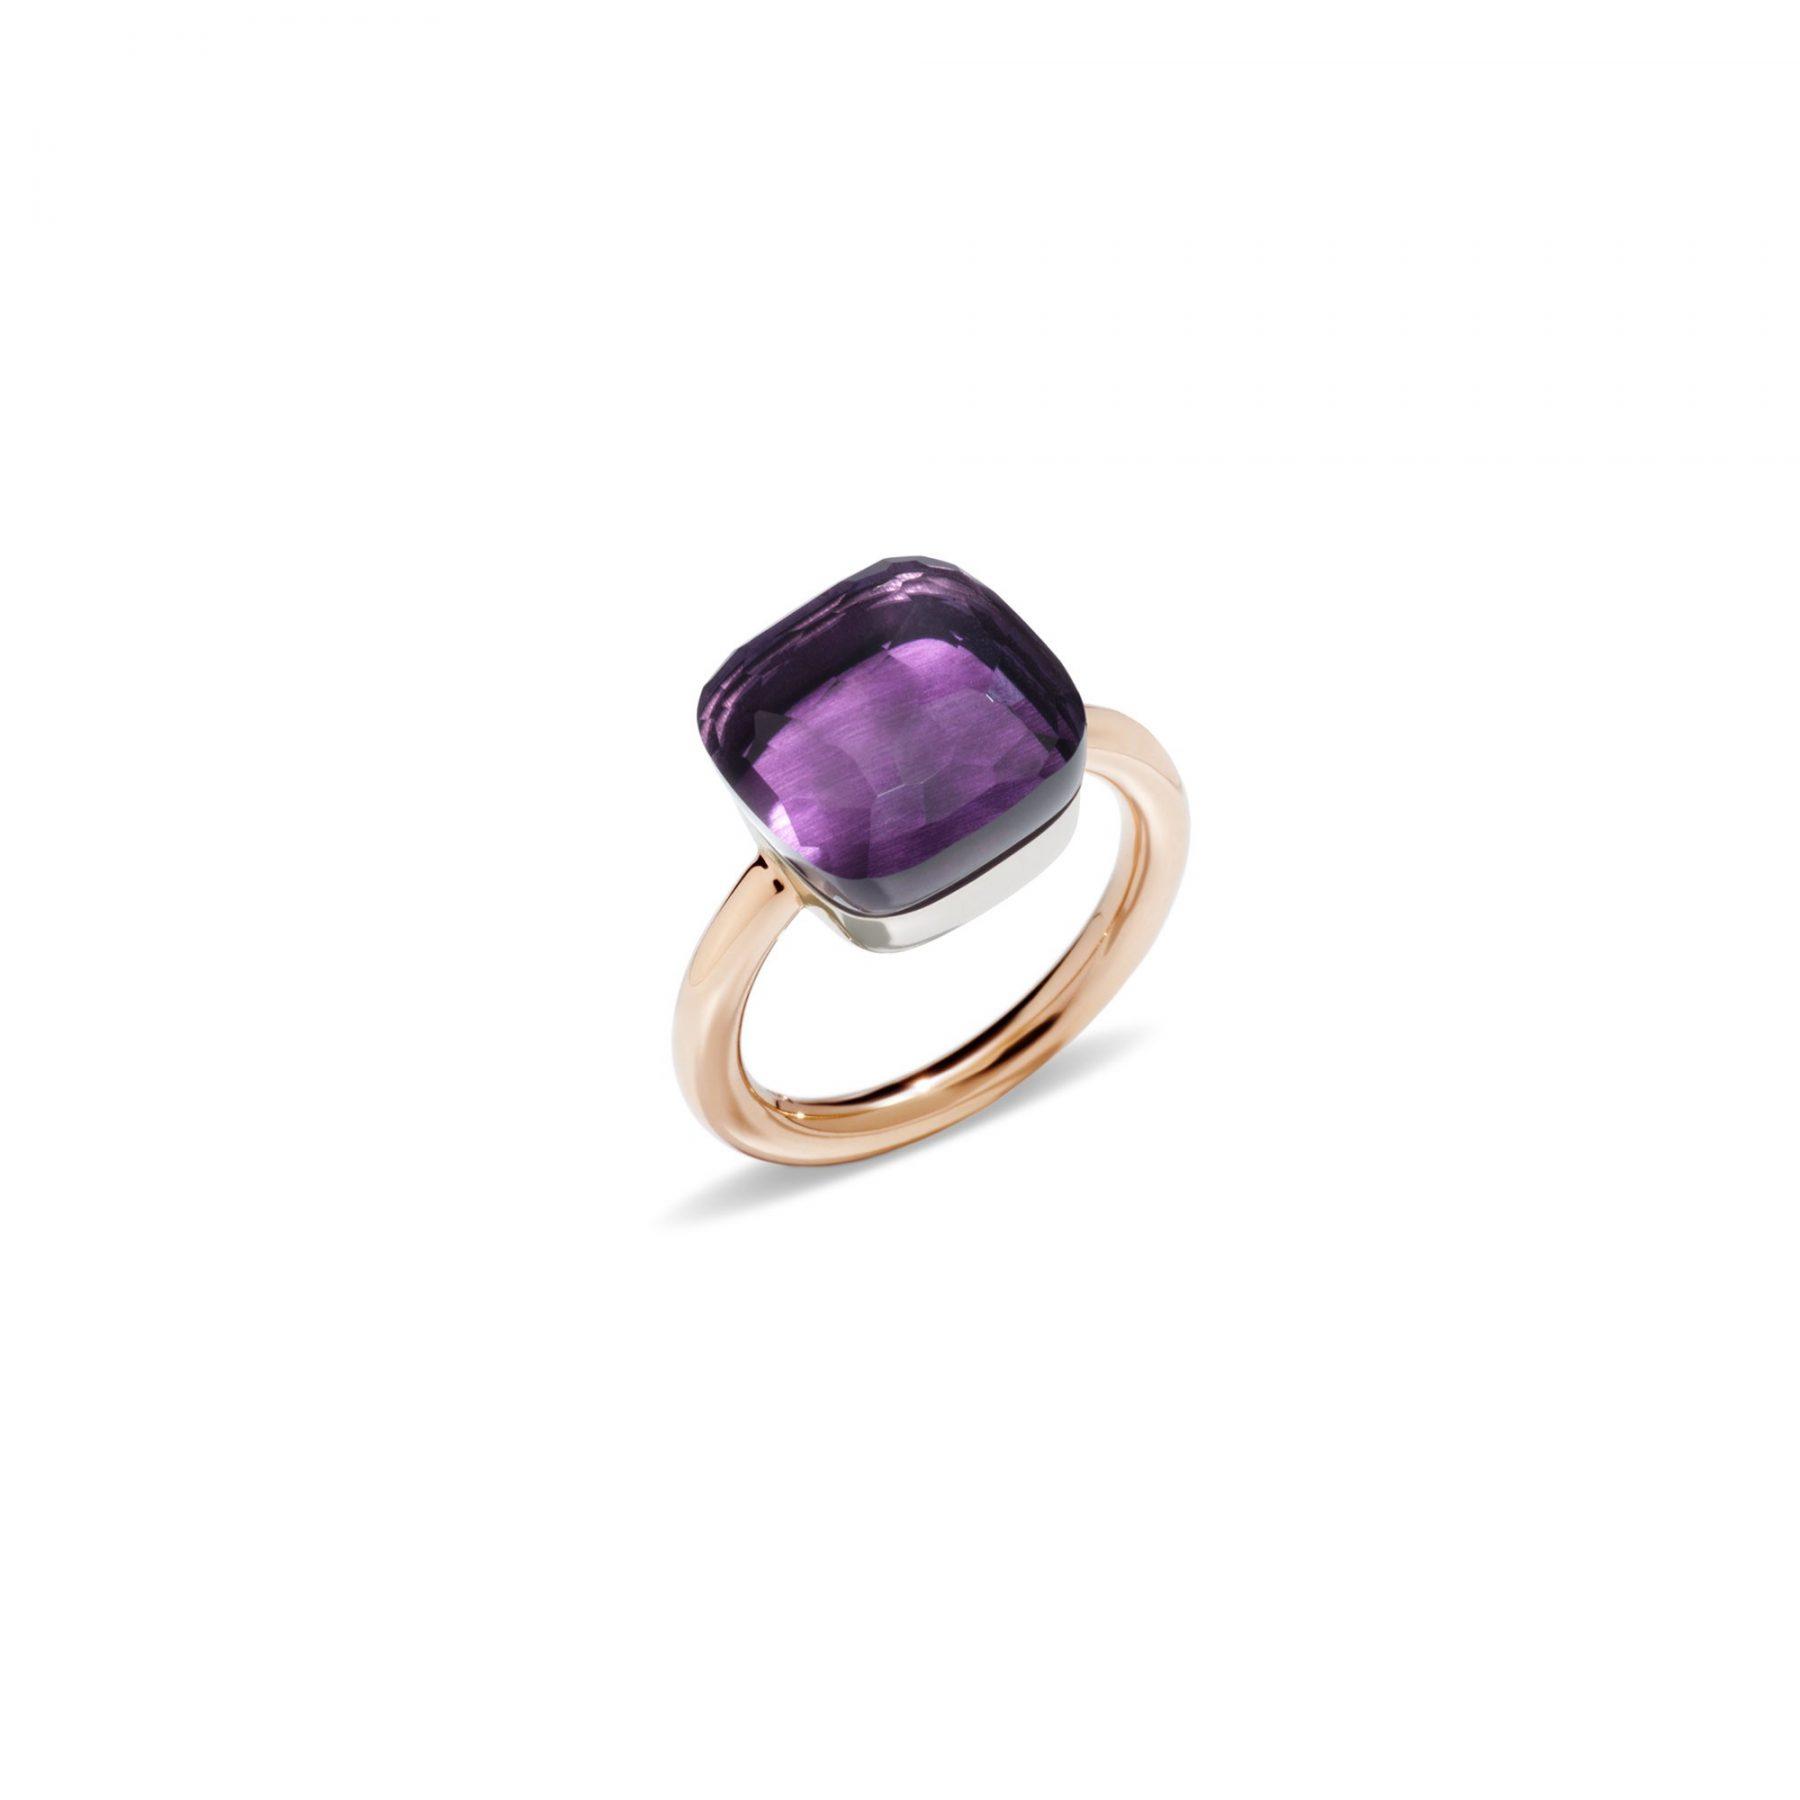 Ring Nudo Maxi  Amethyst - Pomellato - A.B201/06/OI